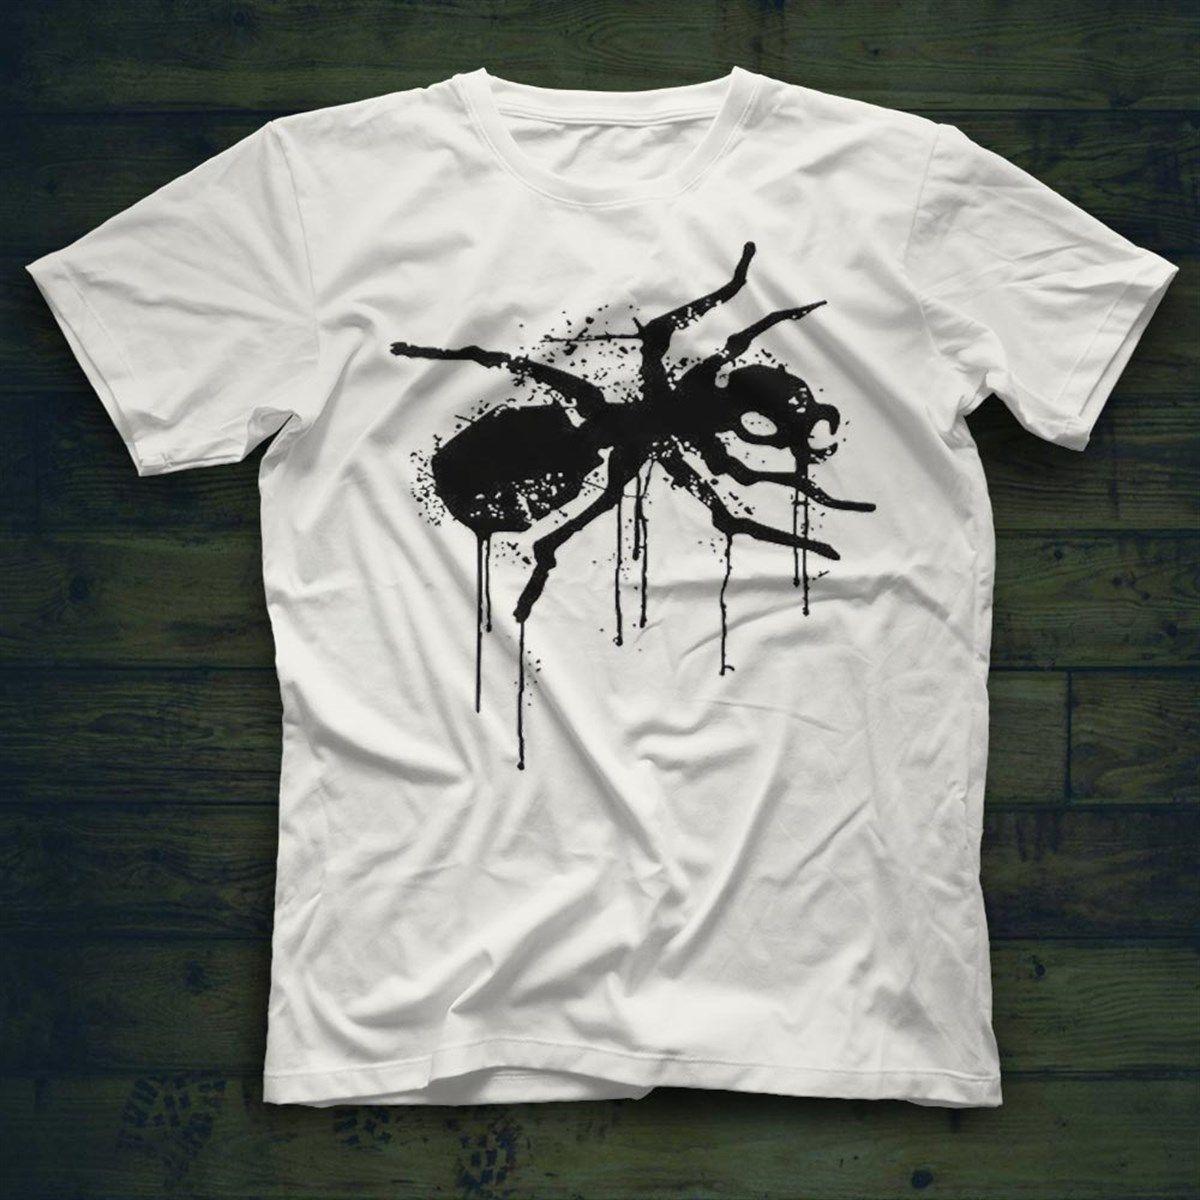 The Prodigy White Unisex TShirt Tees Shirts Одежда